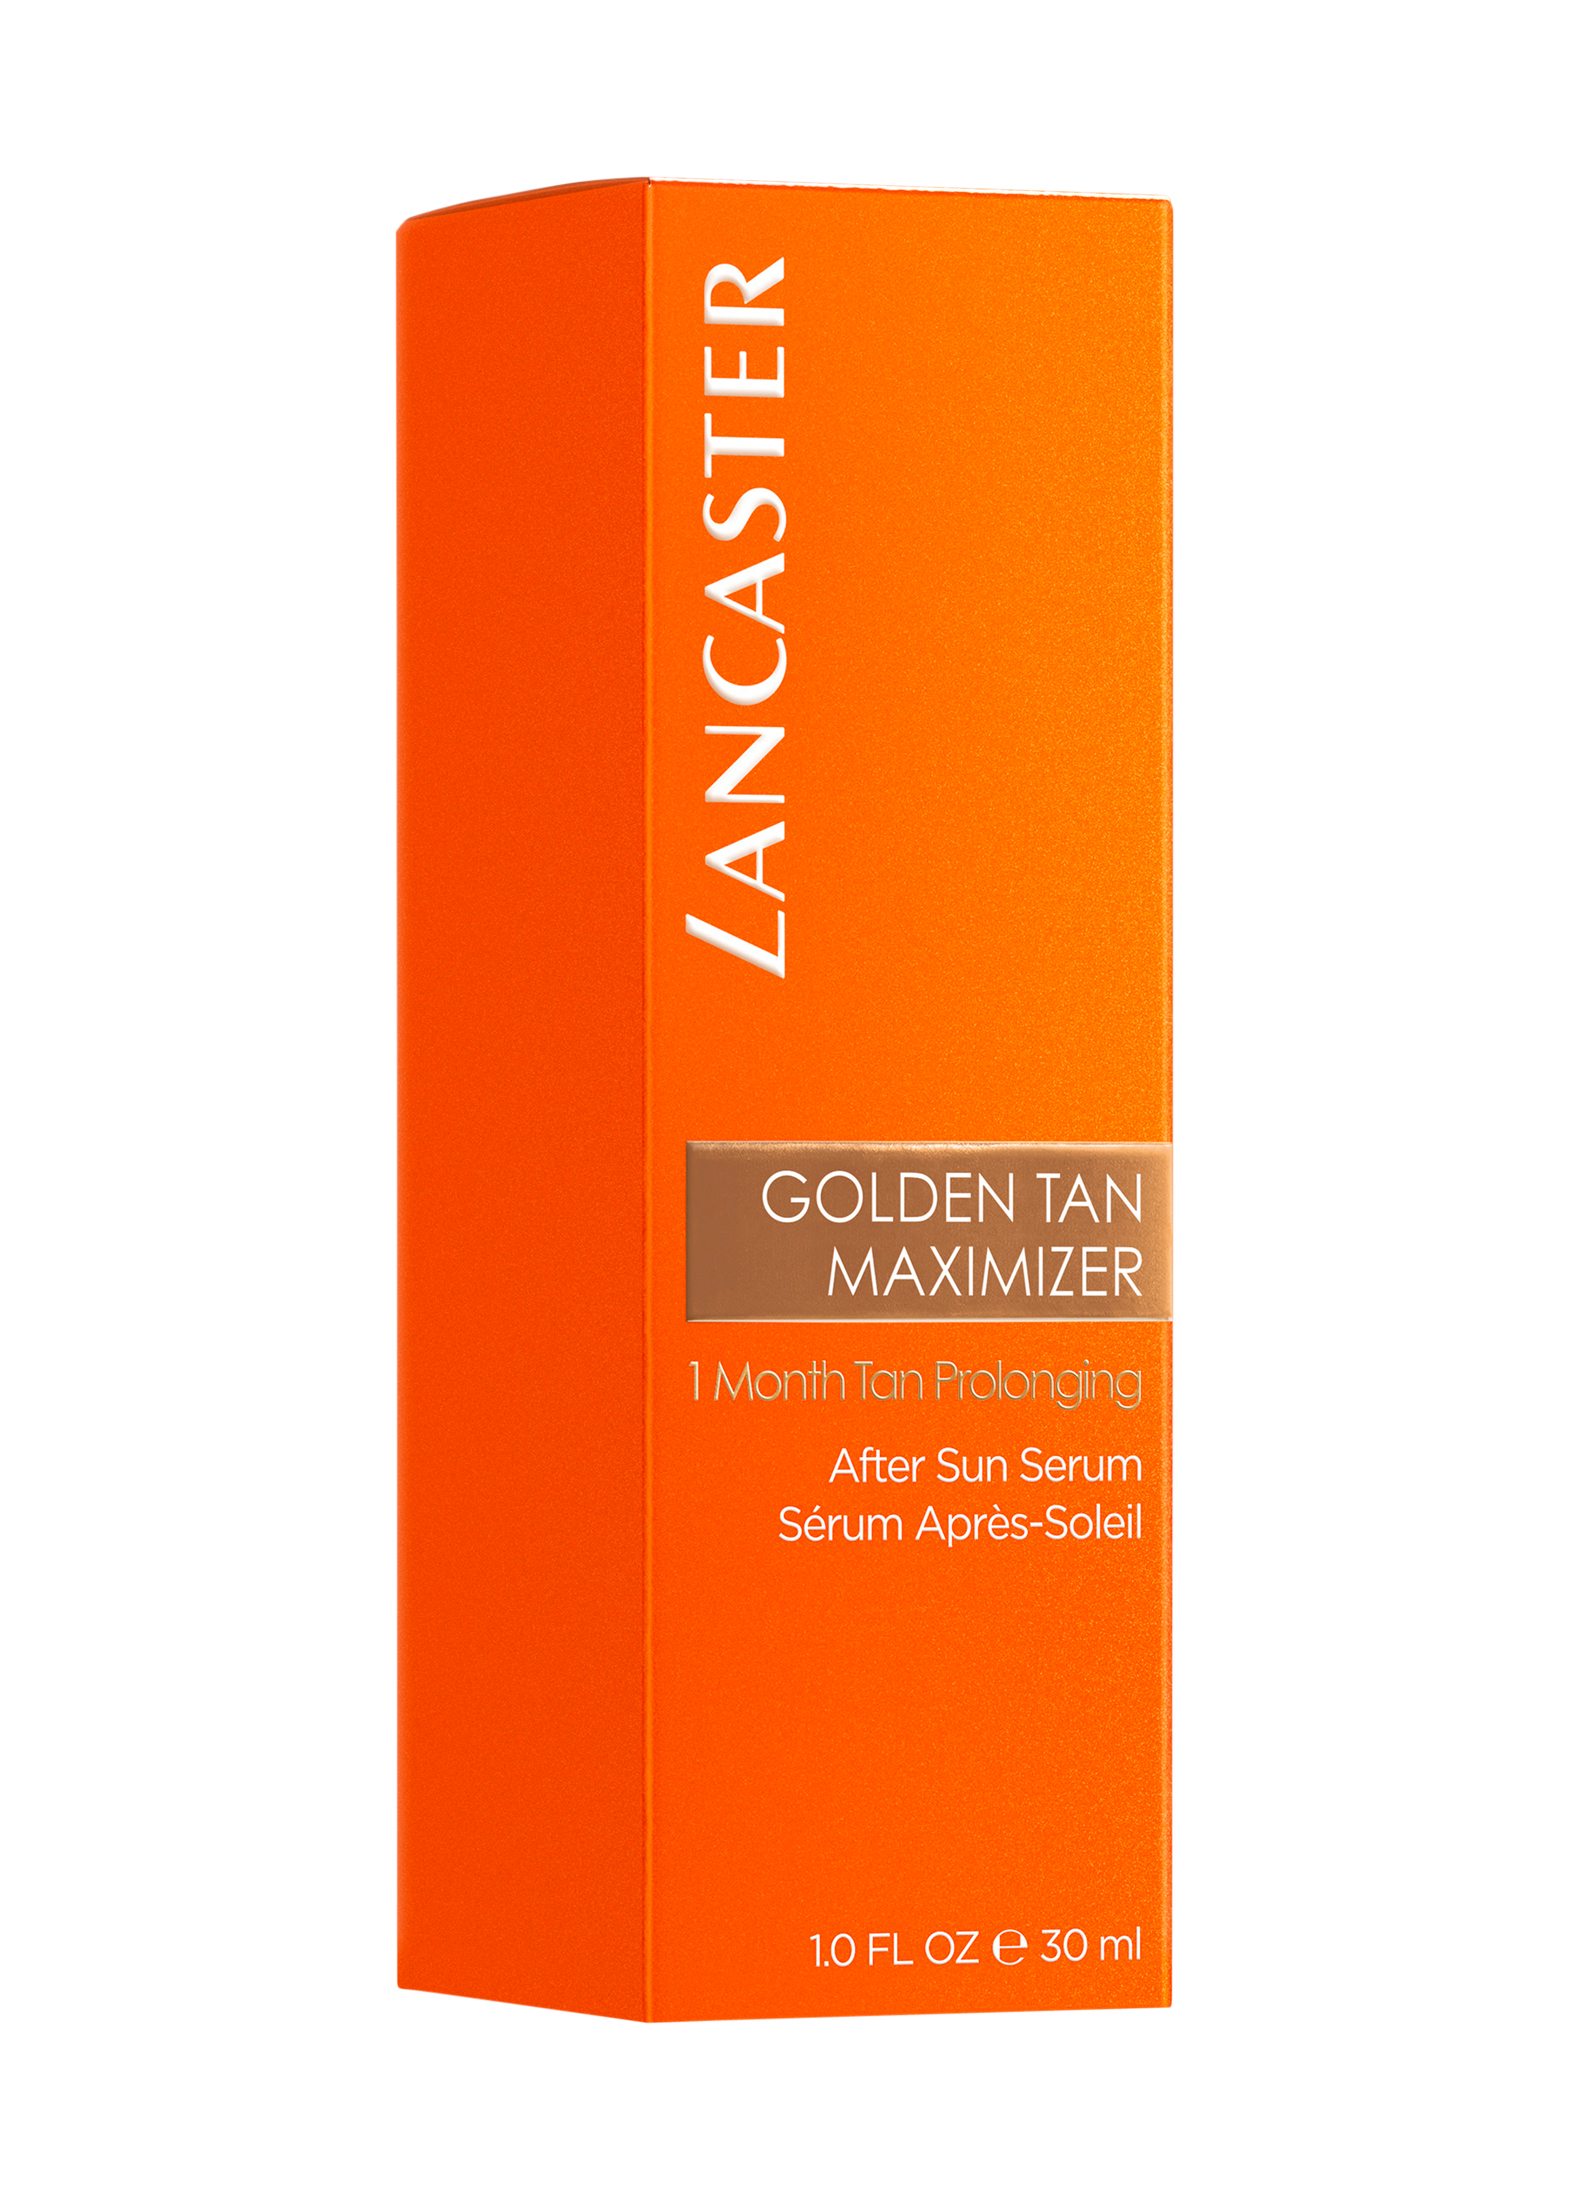 GOLDEN TAN MAXIMIZER After Sun Serum Gesicht 30ml image number 1